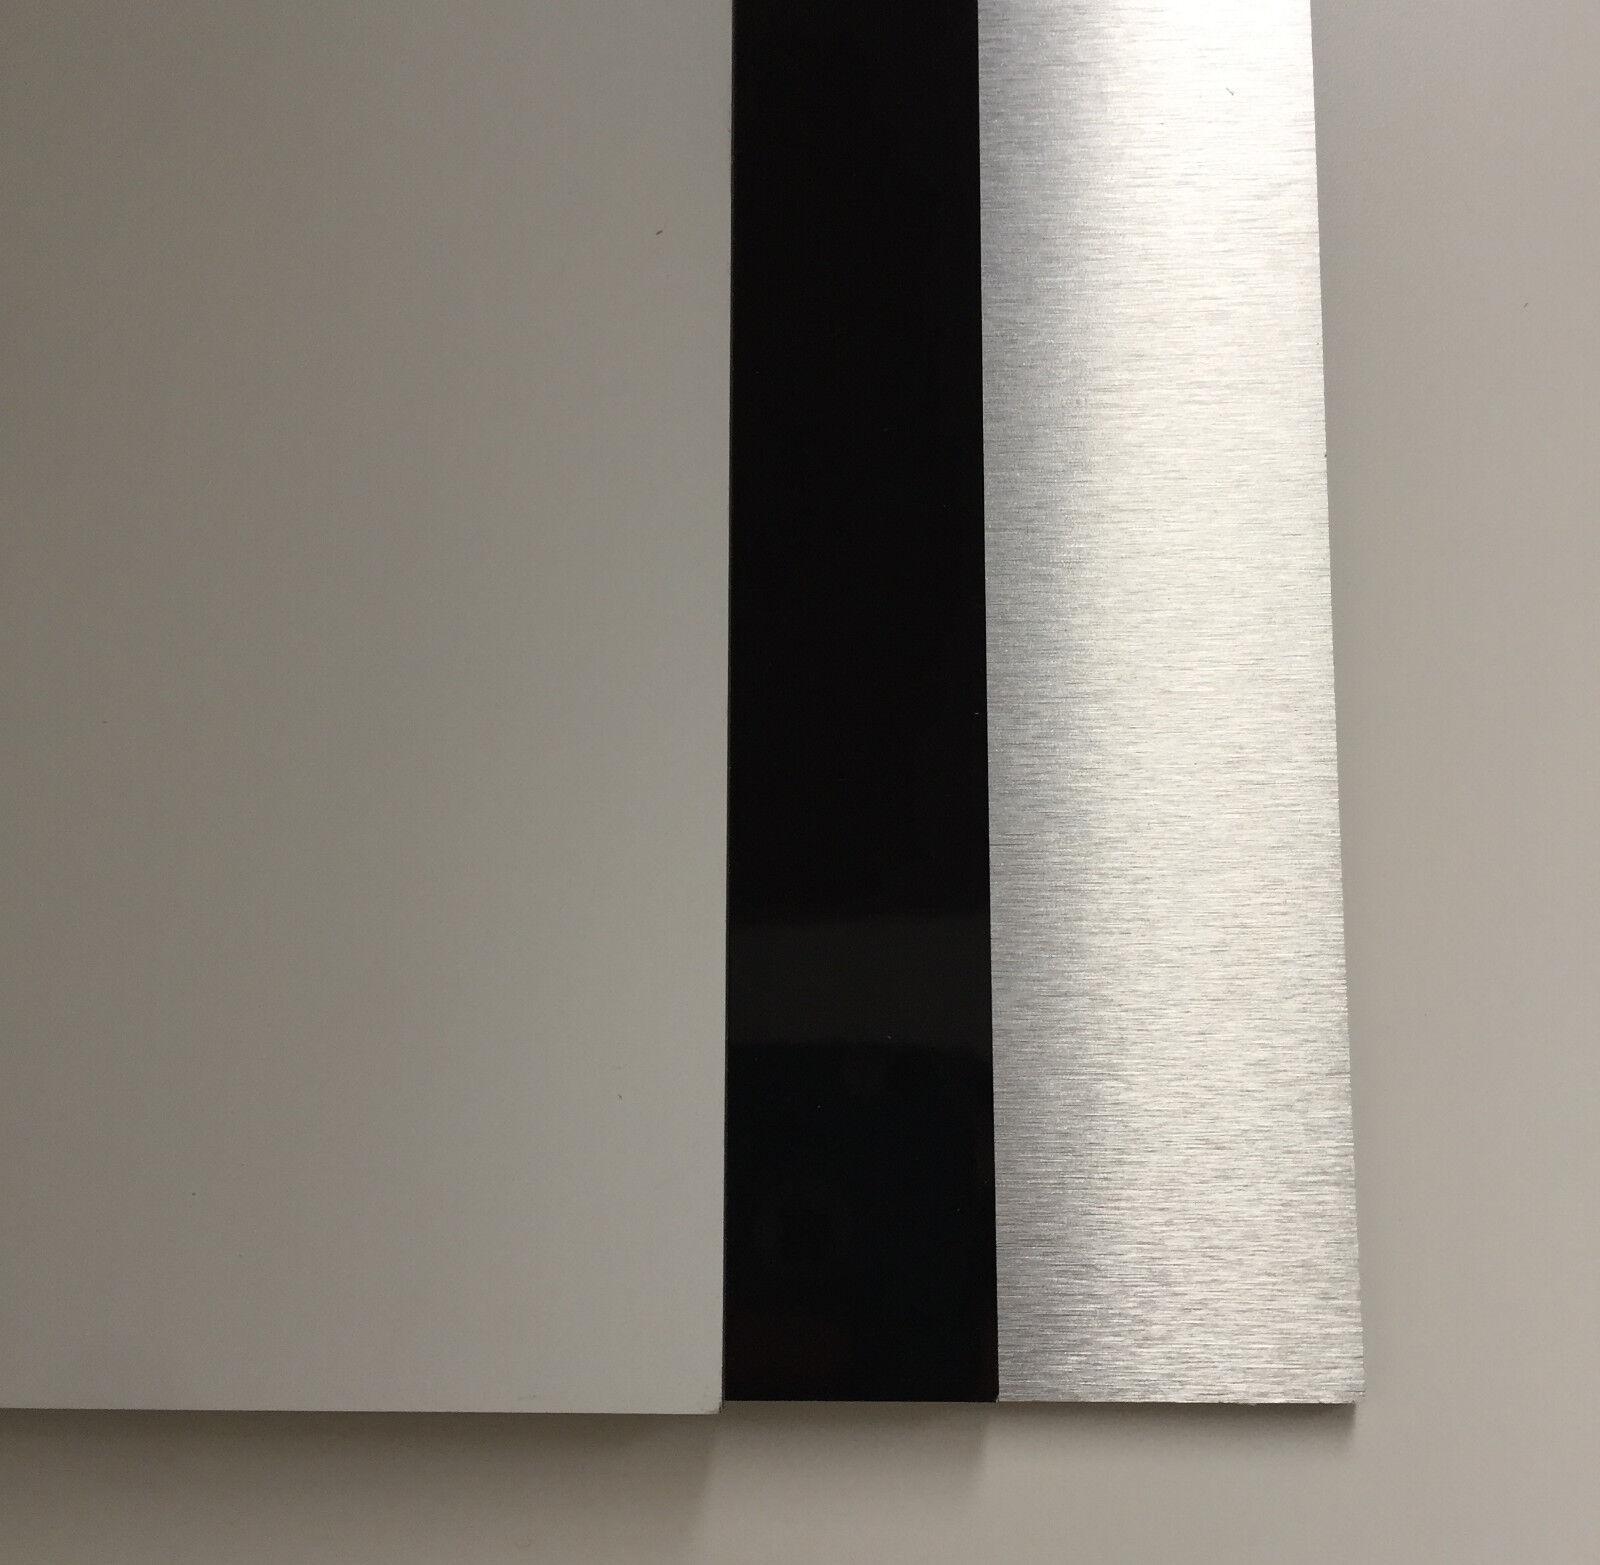 Aluverbundplatte witterungsBesteändig ideal für Balkon- und Fassadenverkleidung